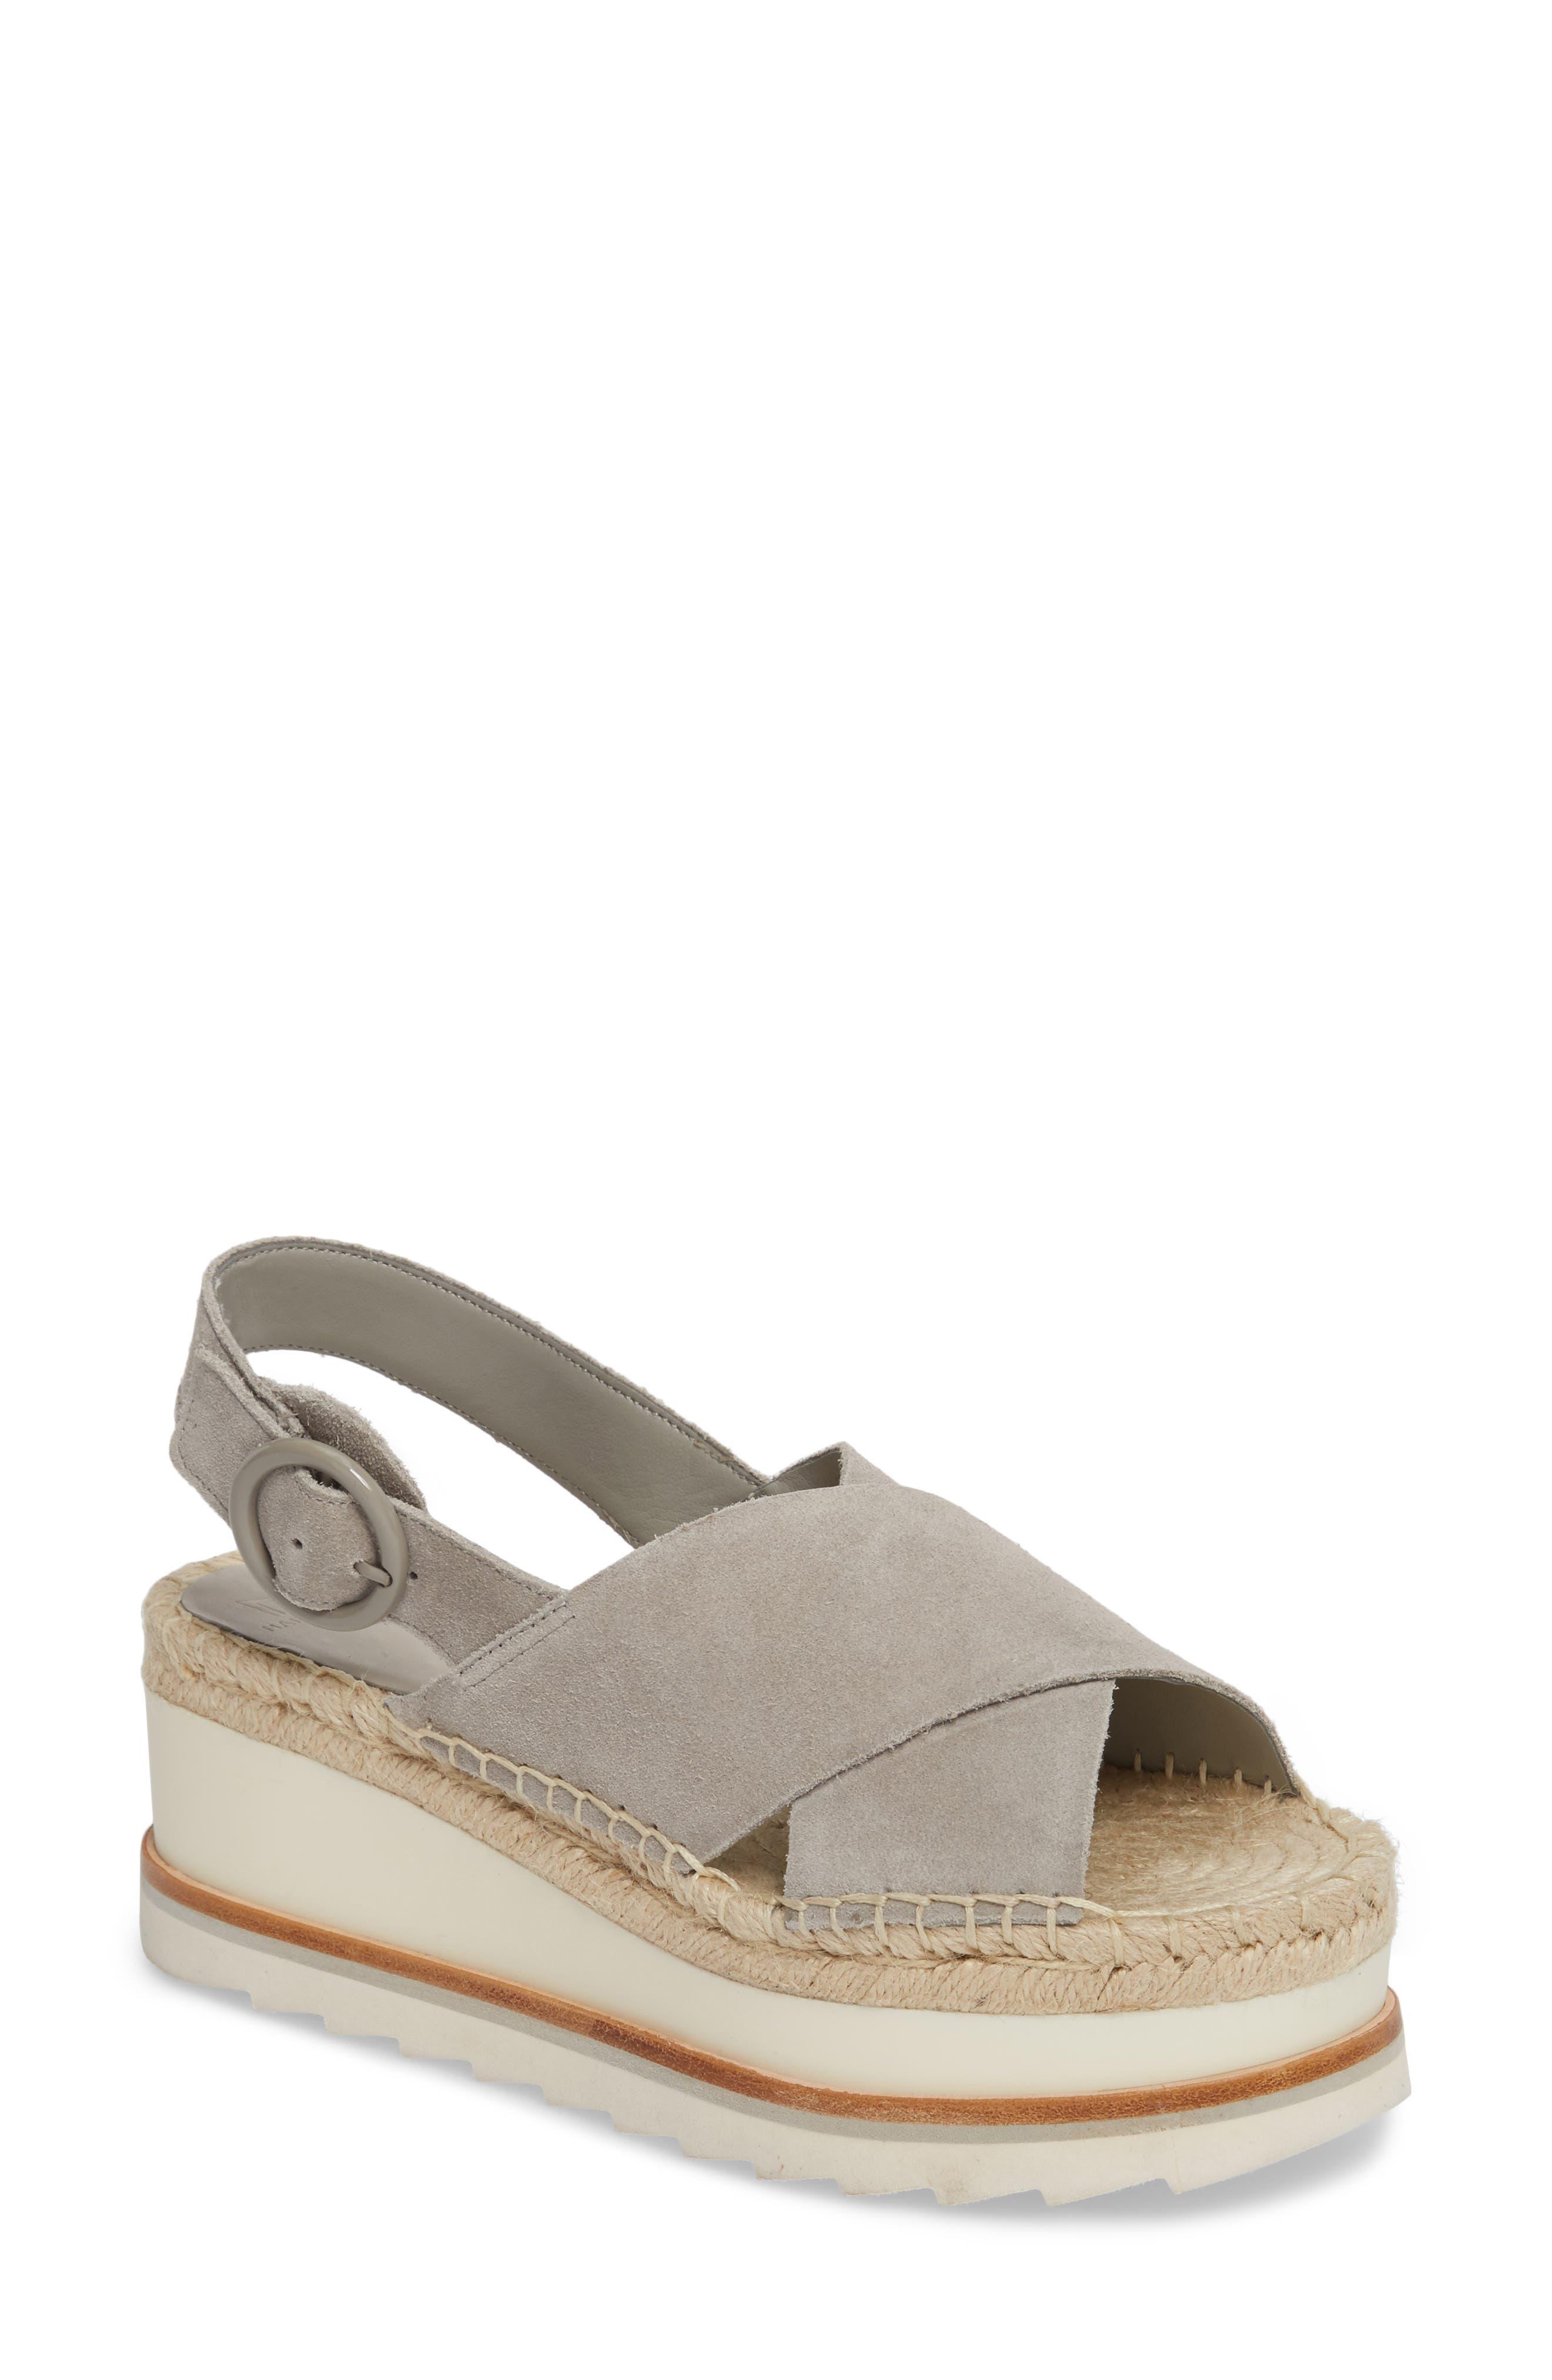 Glenna Platform Slingback Sandal,                         Main,                         color, GREY SUEDE